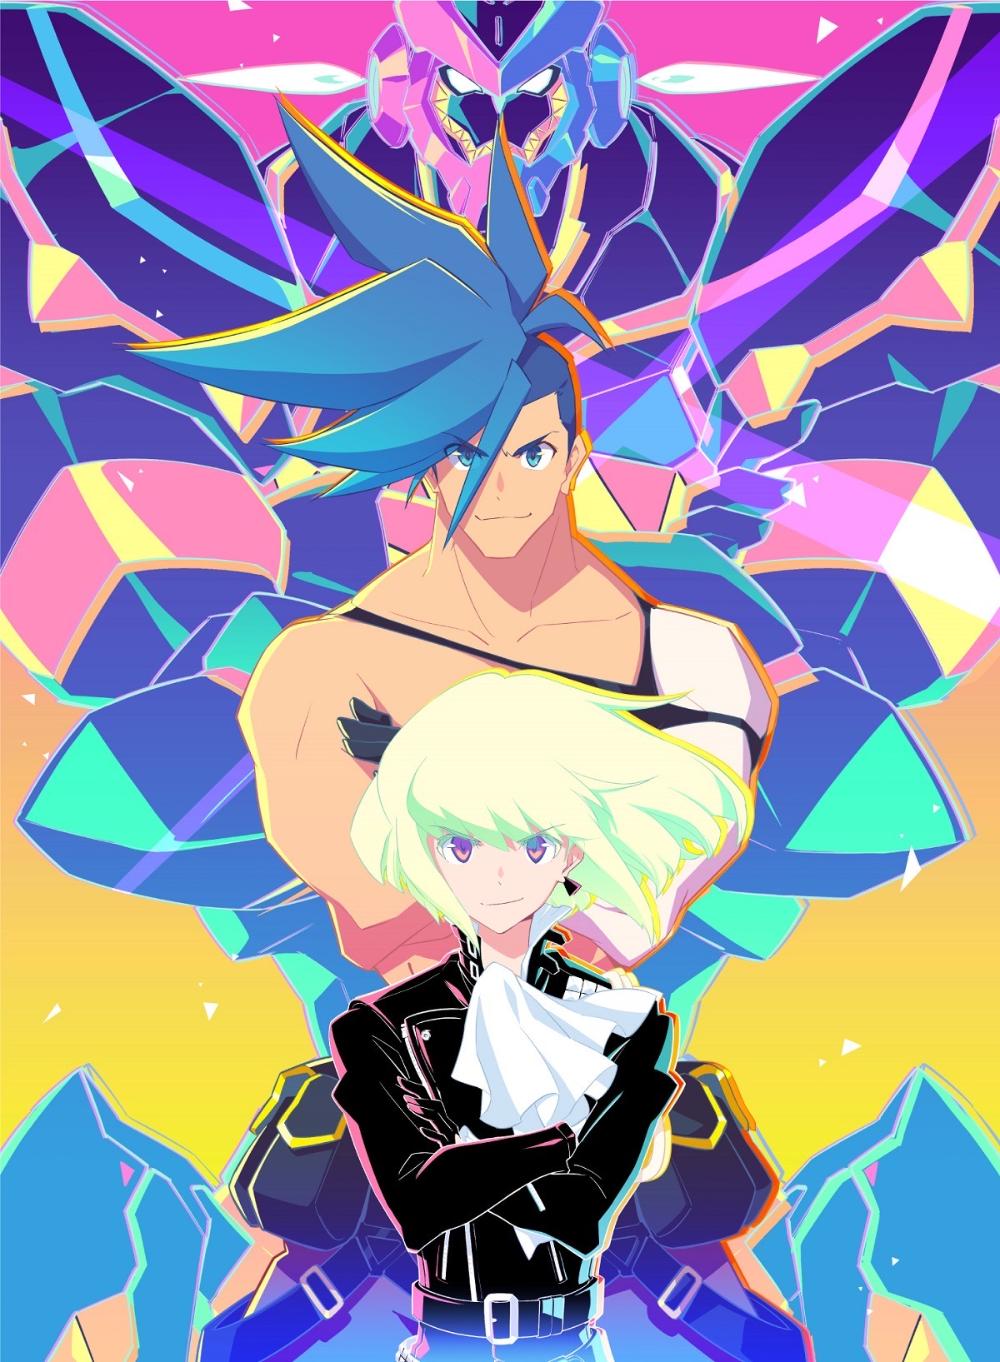 (2) レスピレーター脳 (lovepowermuscle) / Twitter in 2020 Anime